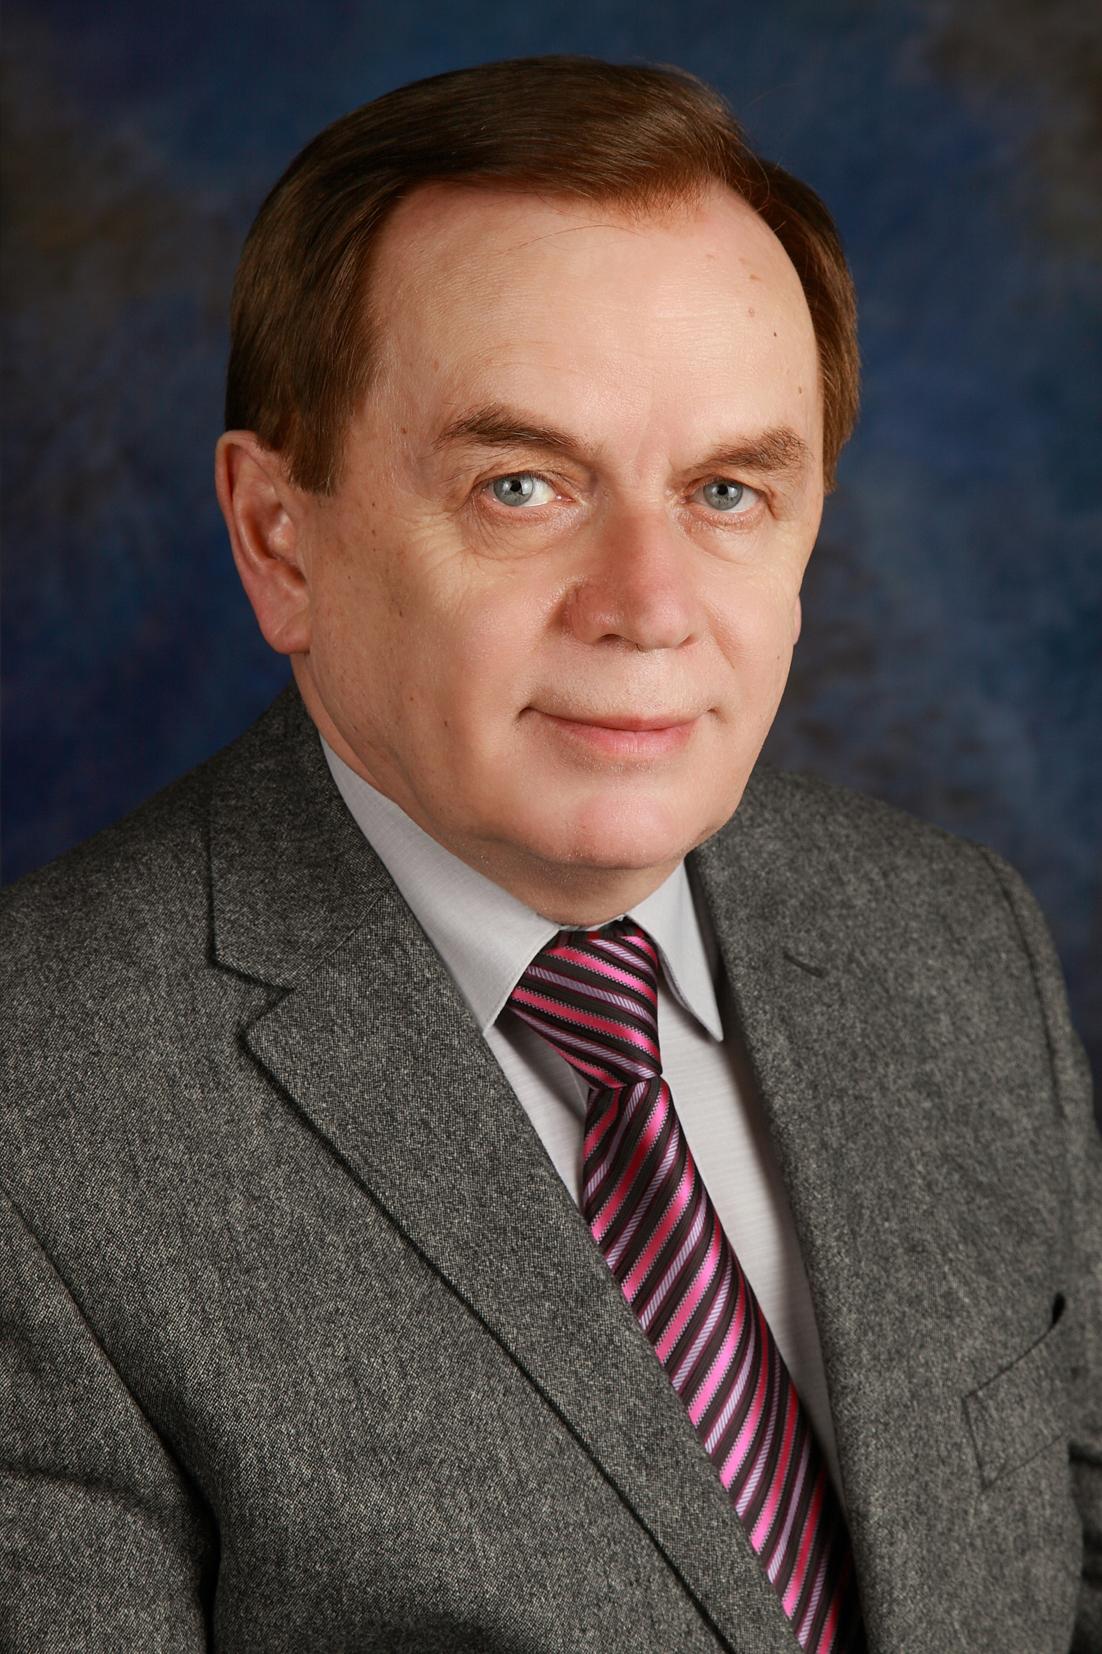 Mirosław Szymański